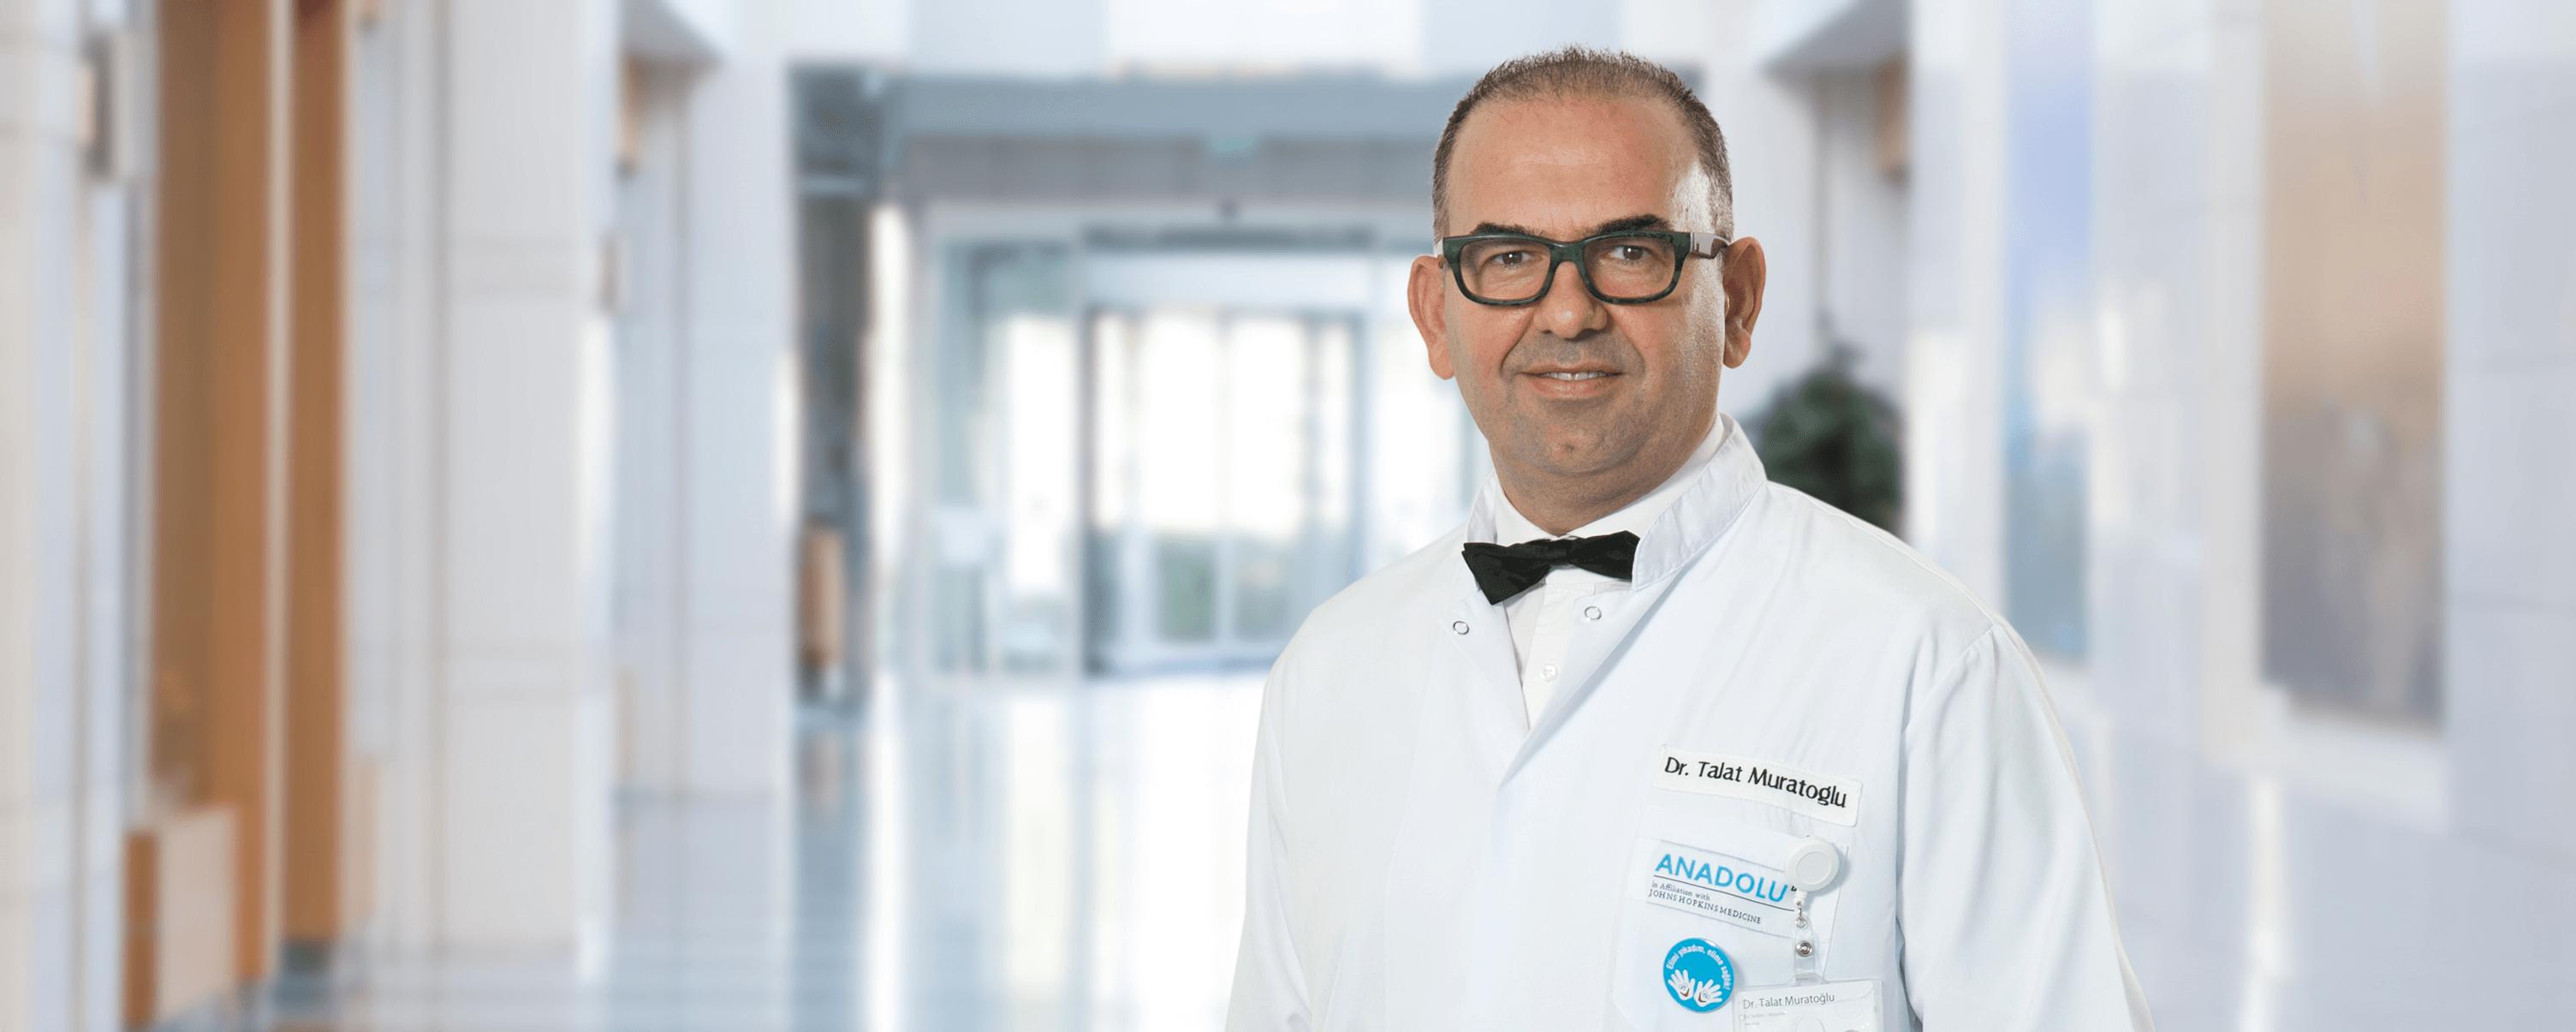 Талат Муратолу — квалифицированная помощь в медицинском центре Anadolu